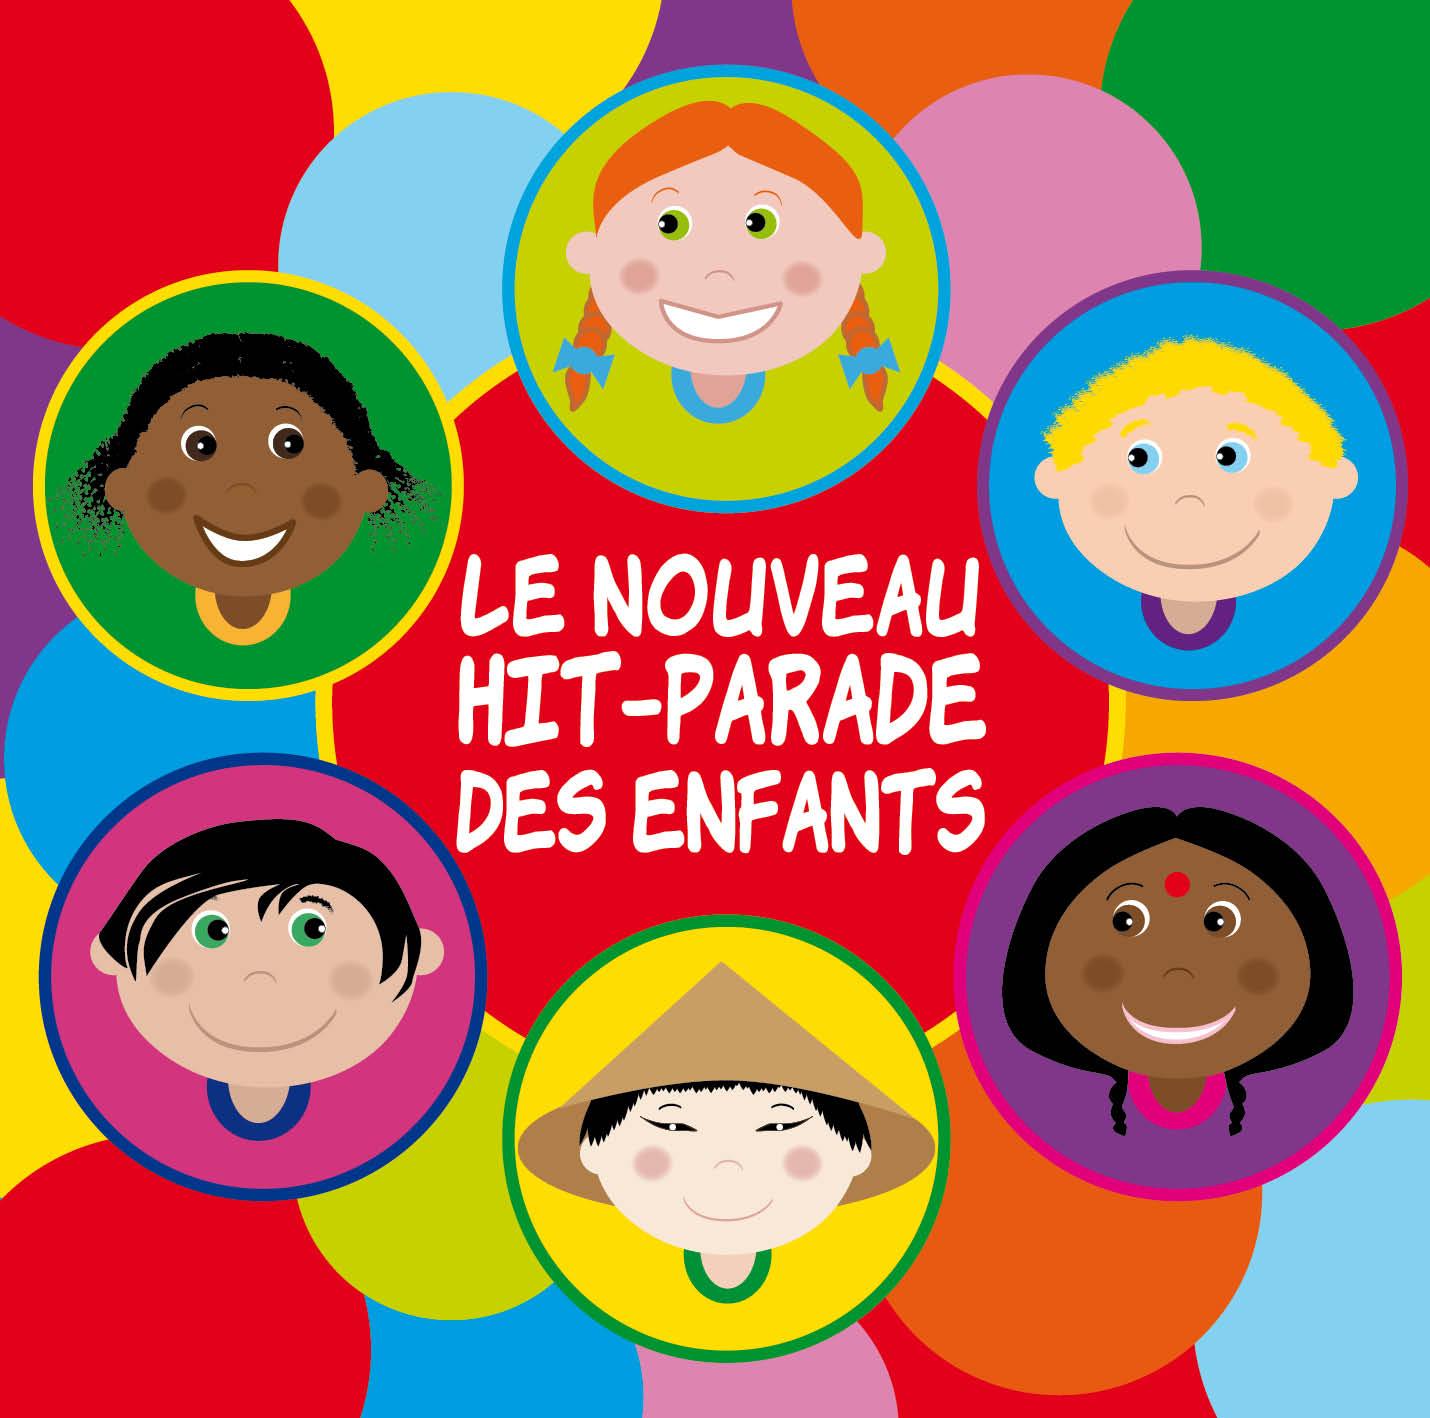 Le Nouveau Hit-Parade des Enfants